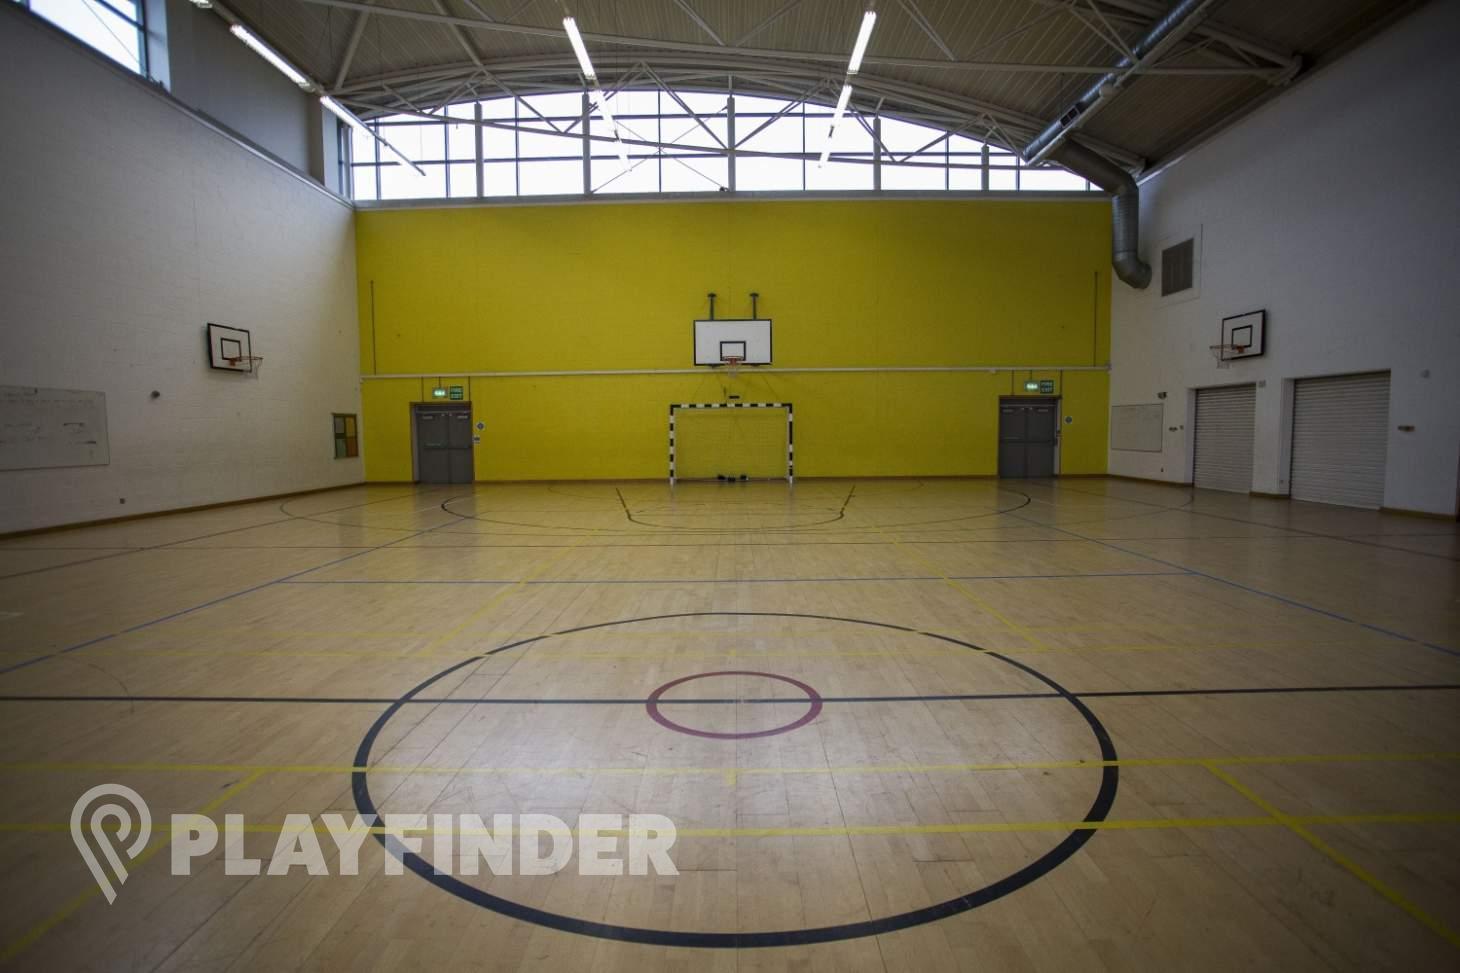 Barnhill Community School Indoor netball court